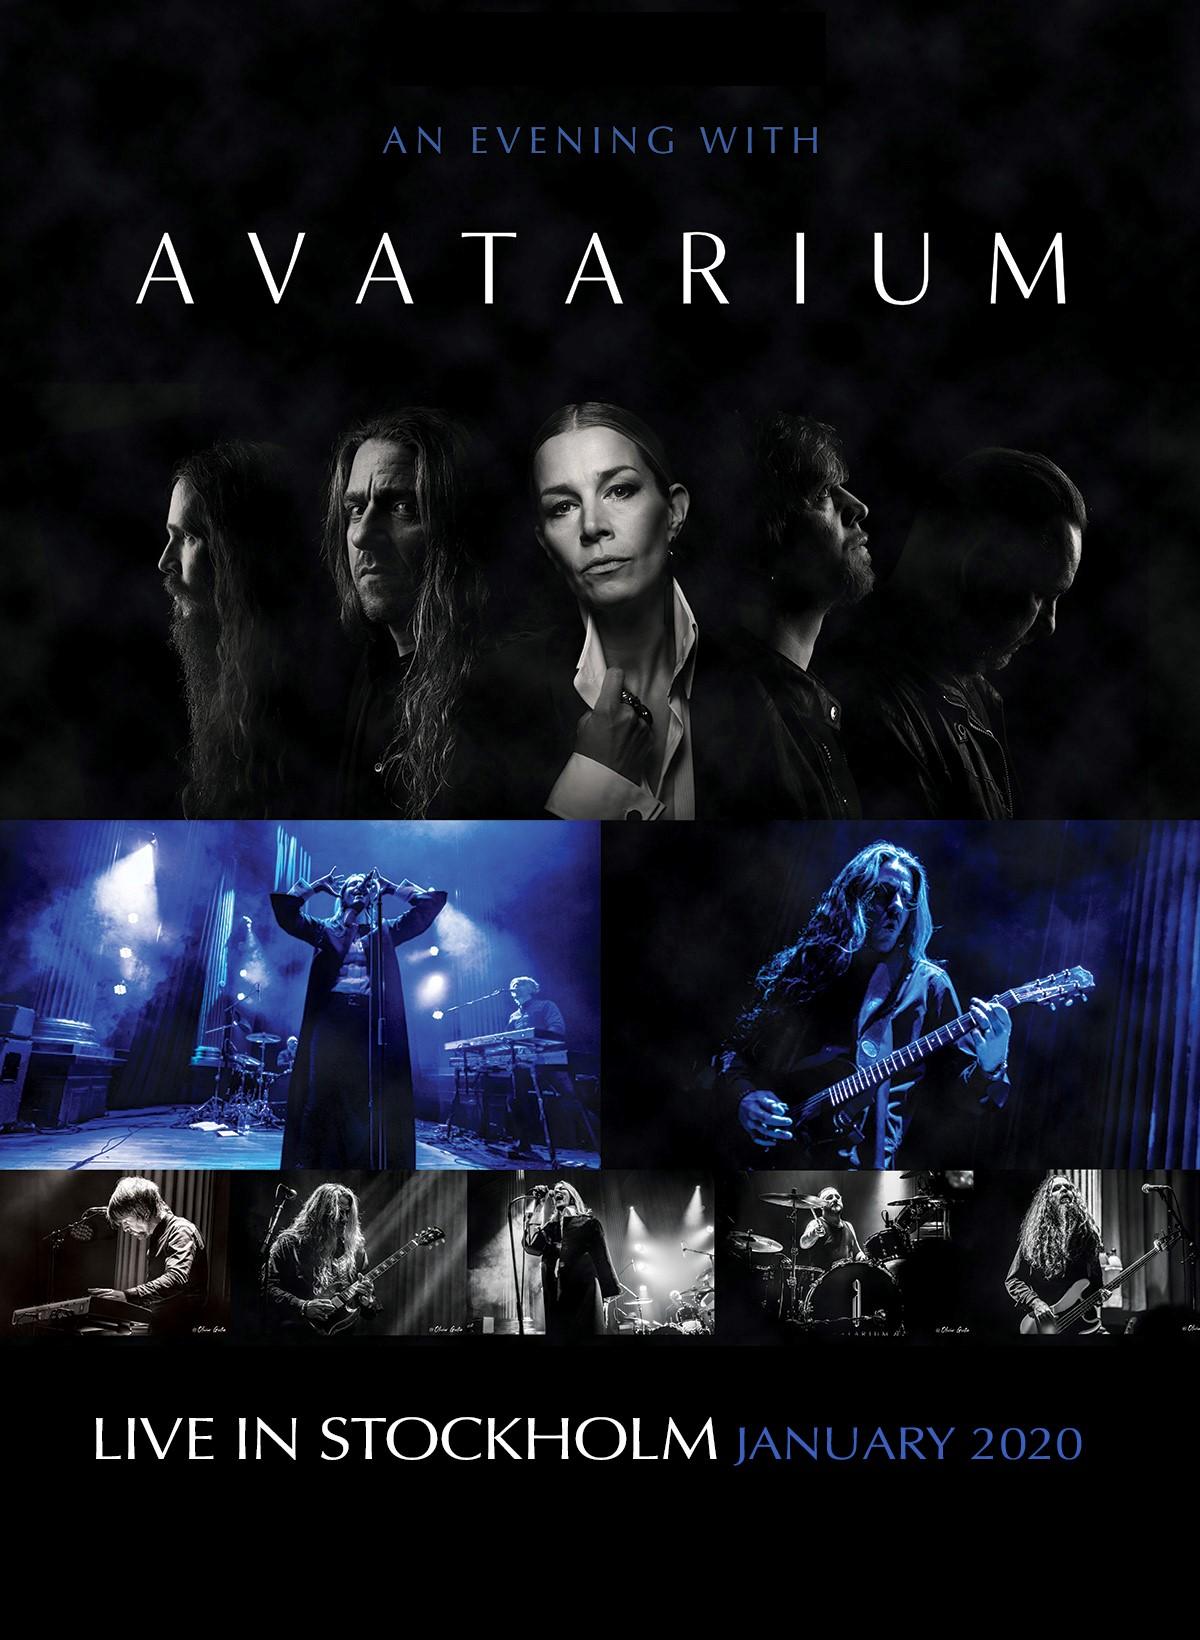 avatarium-veroeffentlichen-an-evening-with-avatarium-am-4-dezember-digital